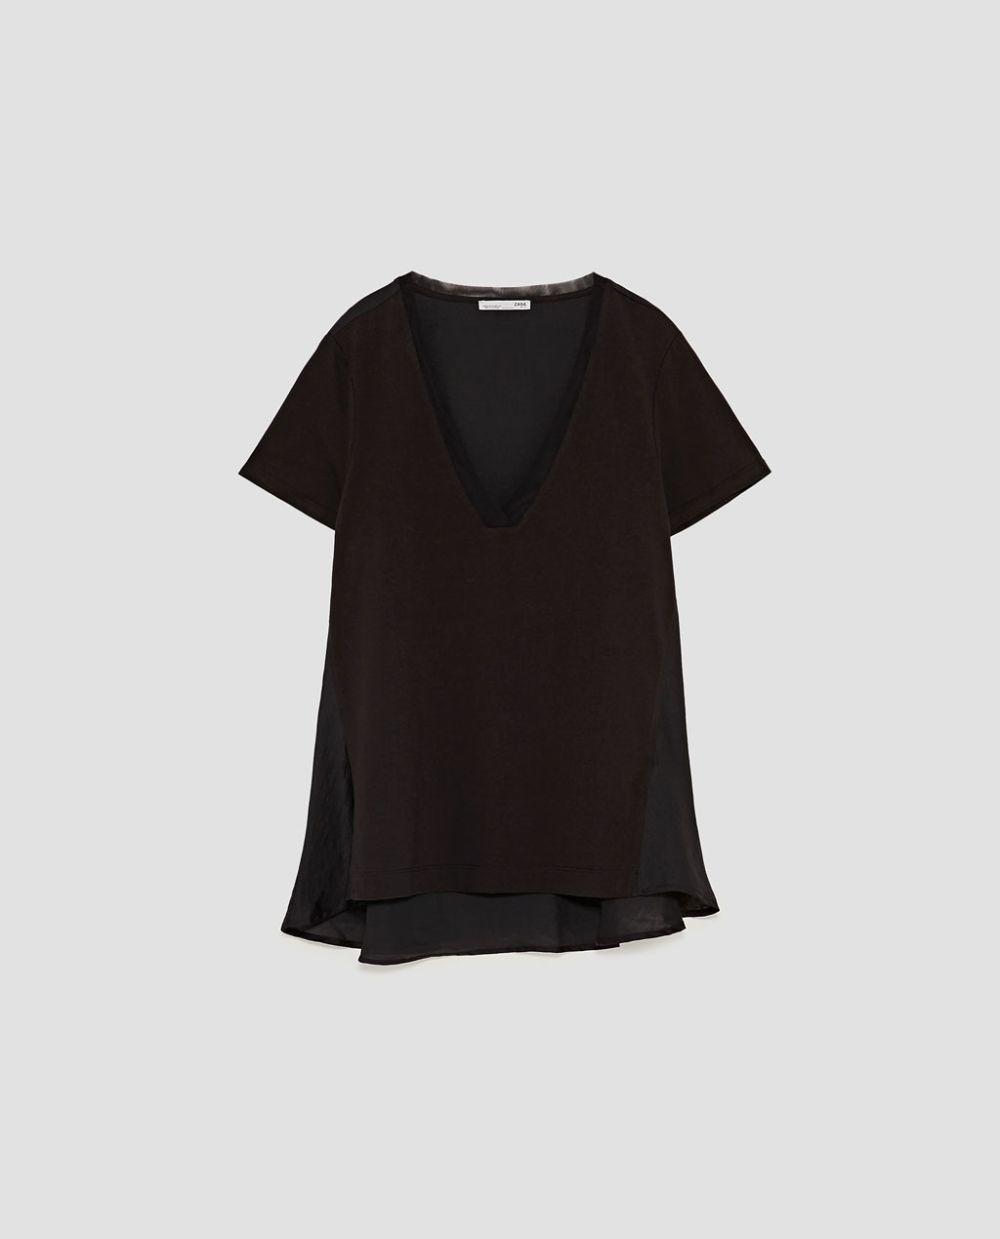 Camiseta Zara (15.95 euros).